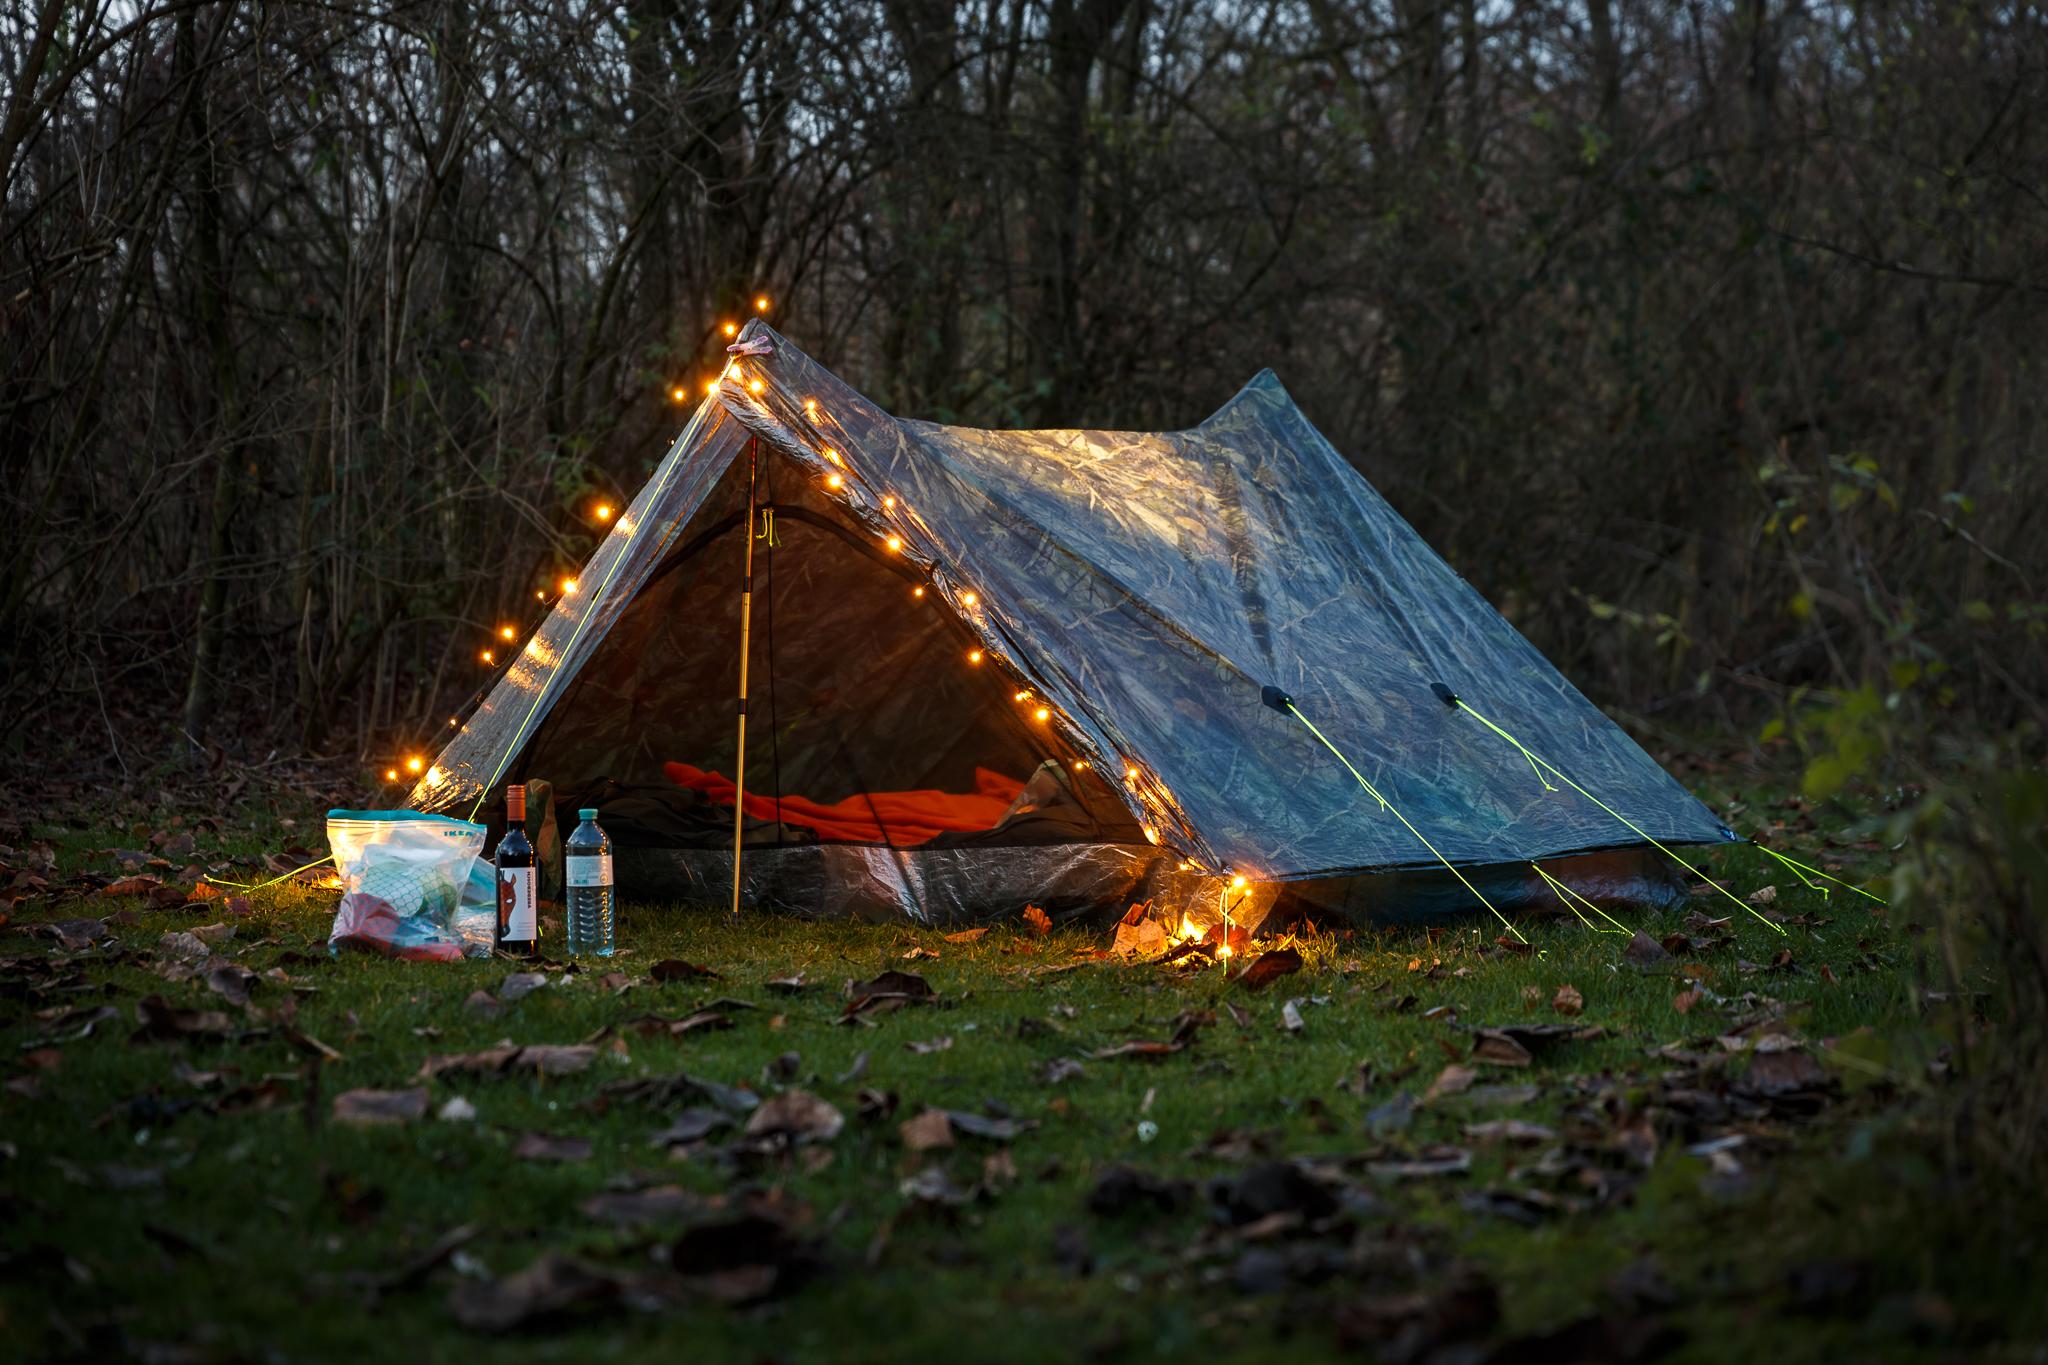 Kerst-sfeer tijdens het kamperen in de winter. Het sneeuwde toen we wakker werden!